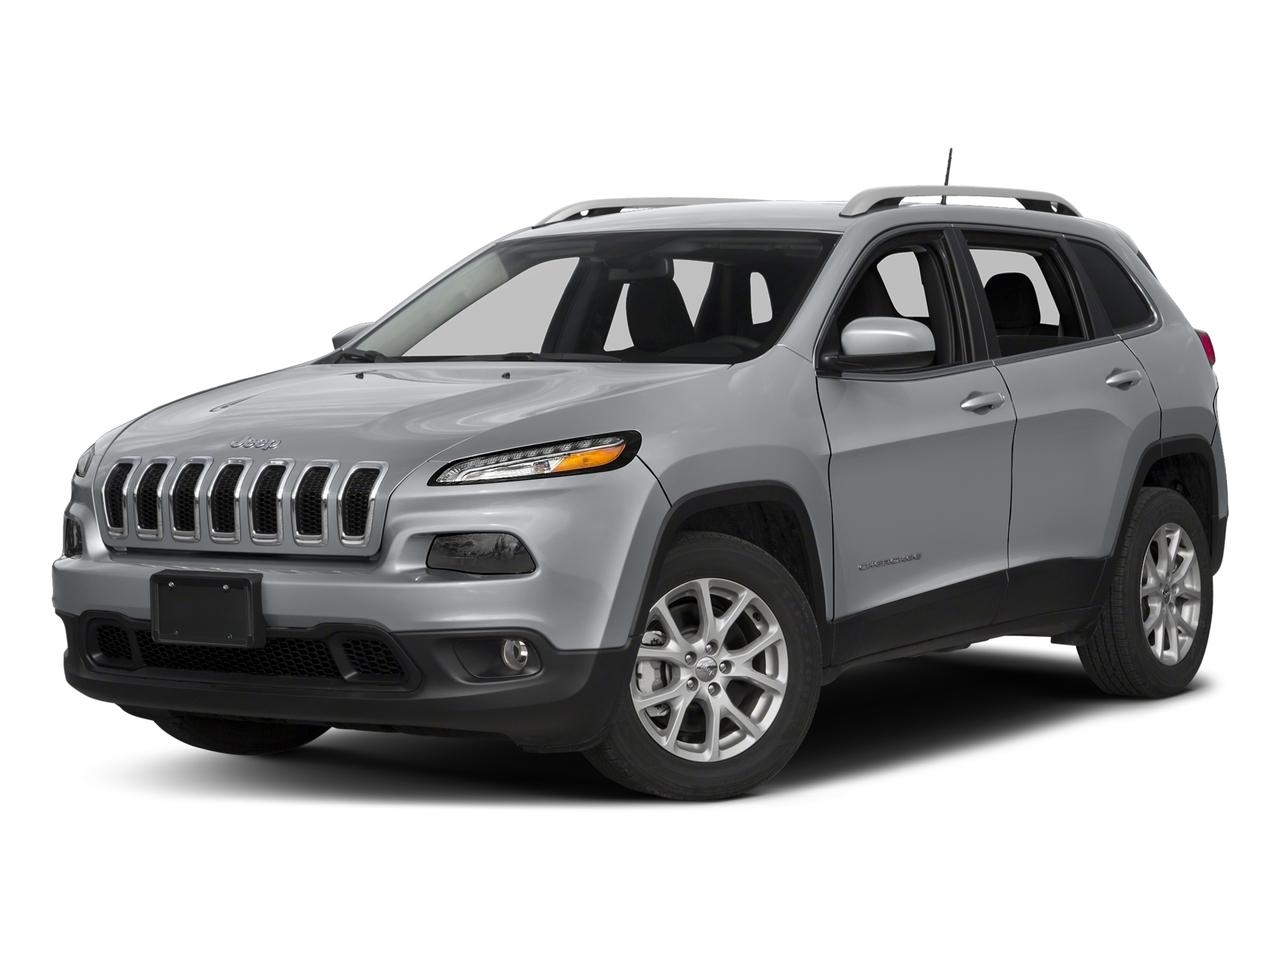 2018 Jeep Cherokee Vehicle Photo in Oklahoma City, OK 73114